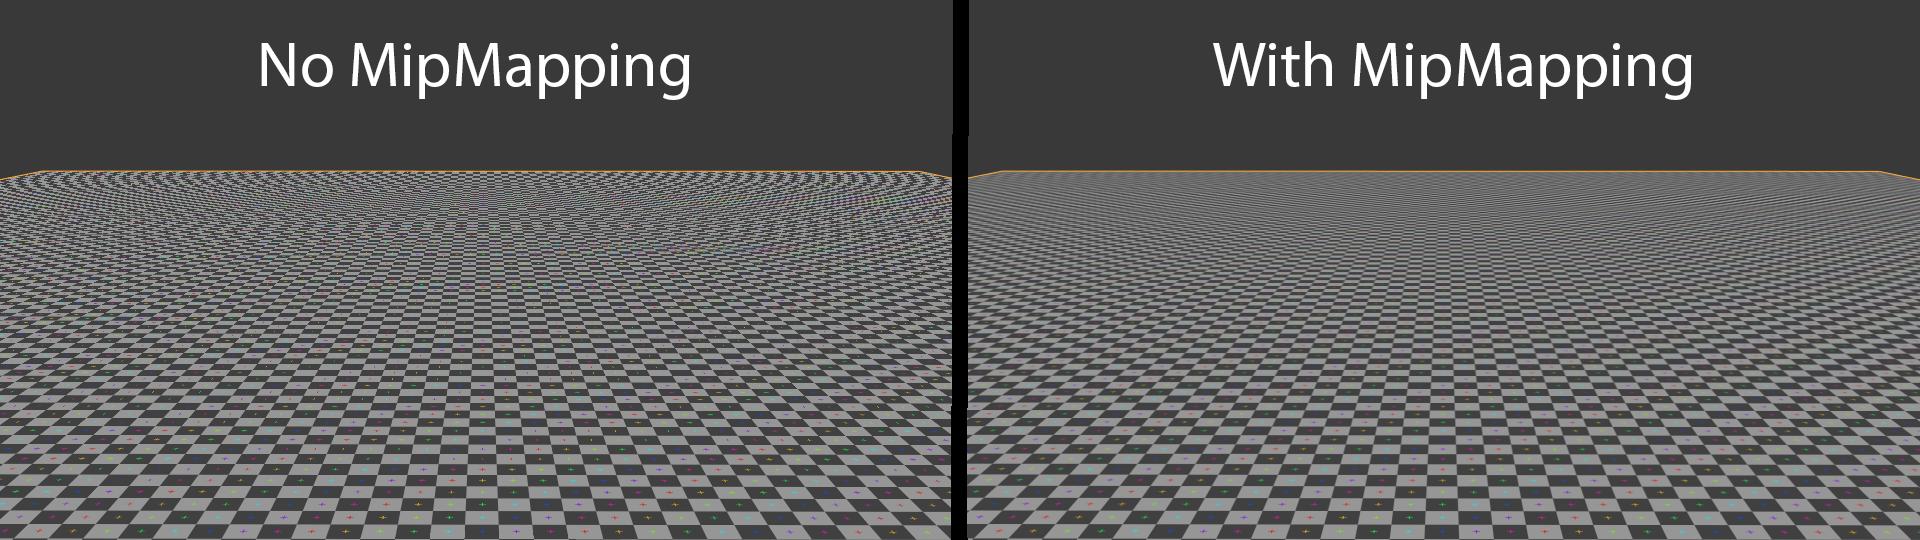 Bathroom floor simulator 2021.png